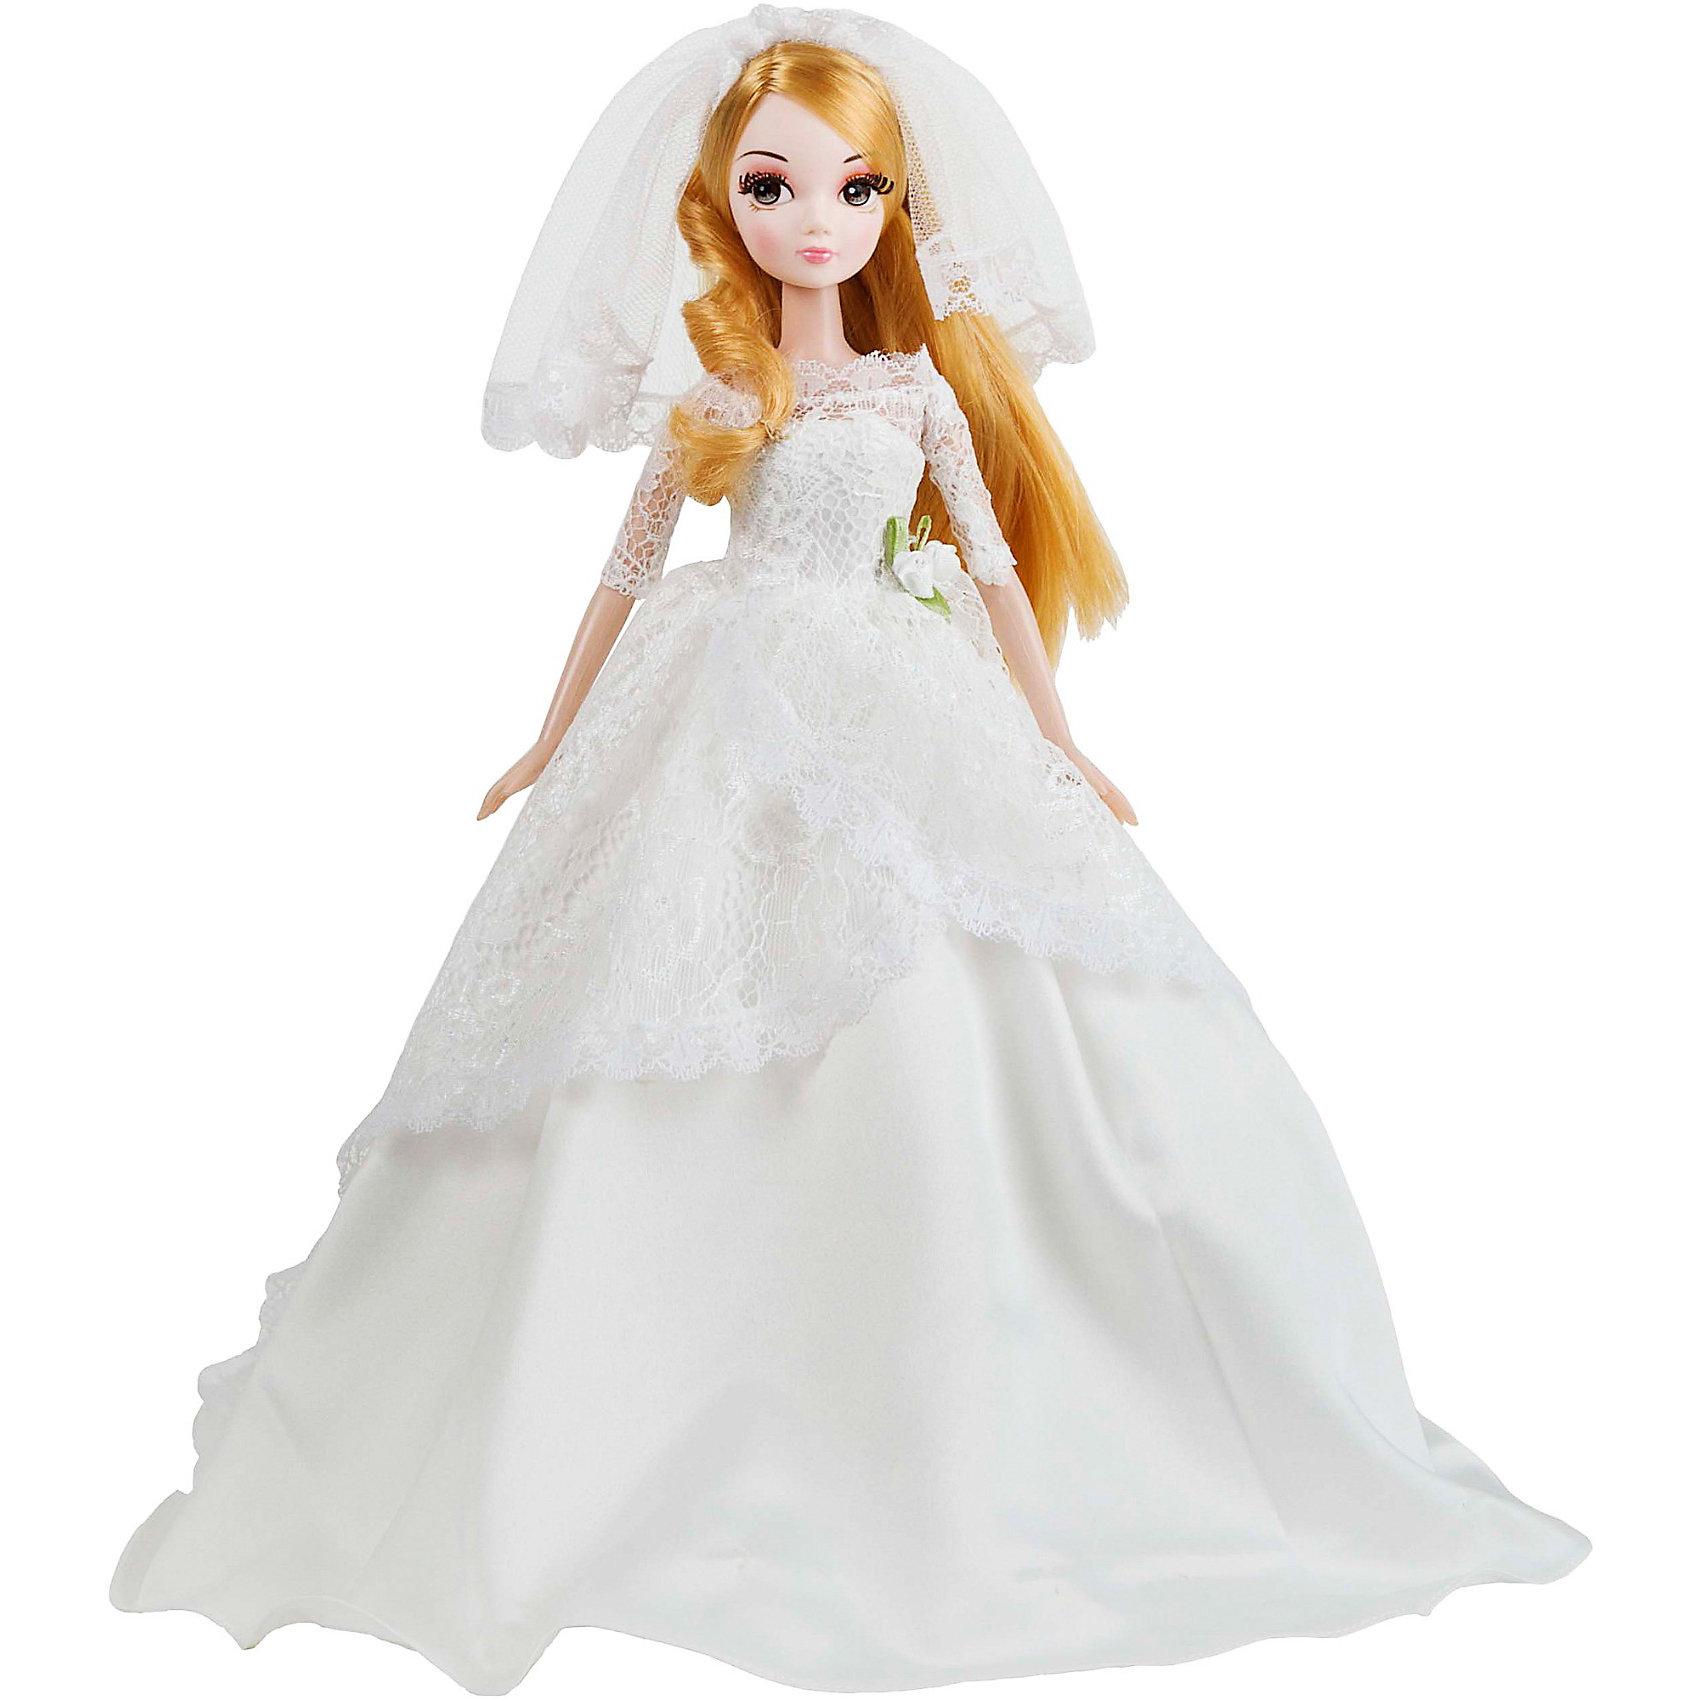 Sonya Rose Кукла Нежное кружево Золотая коллекция, Sonya Rose